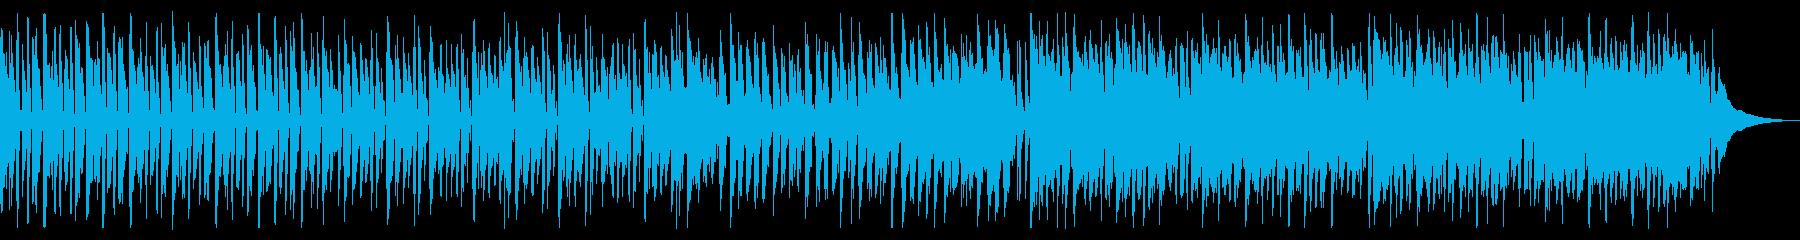 ノリノリなディスコ_3の再生済みの波形